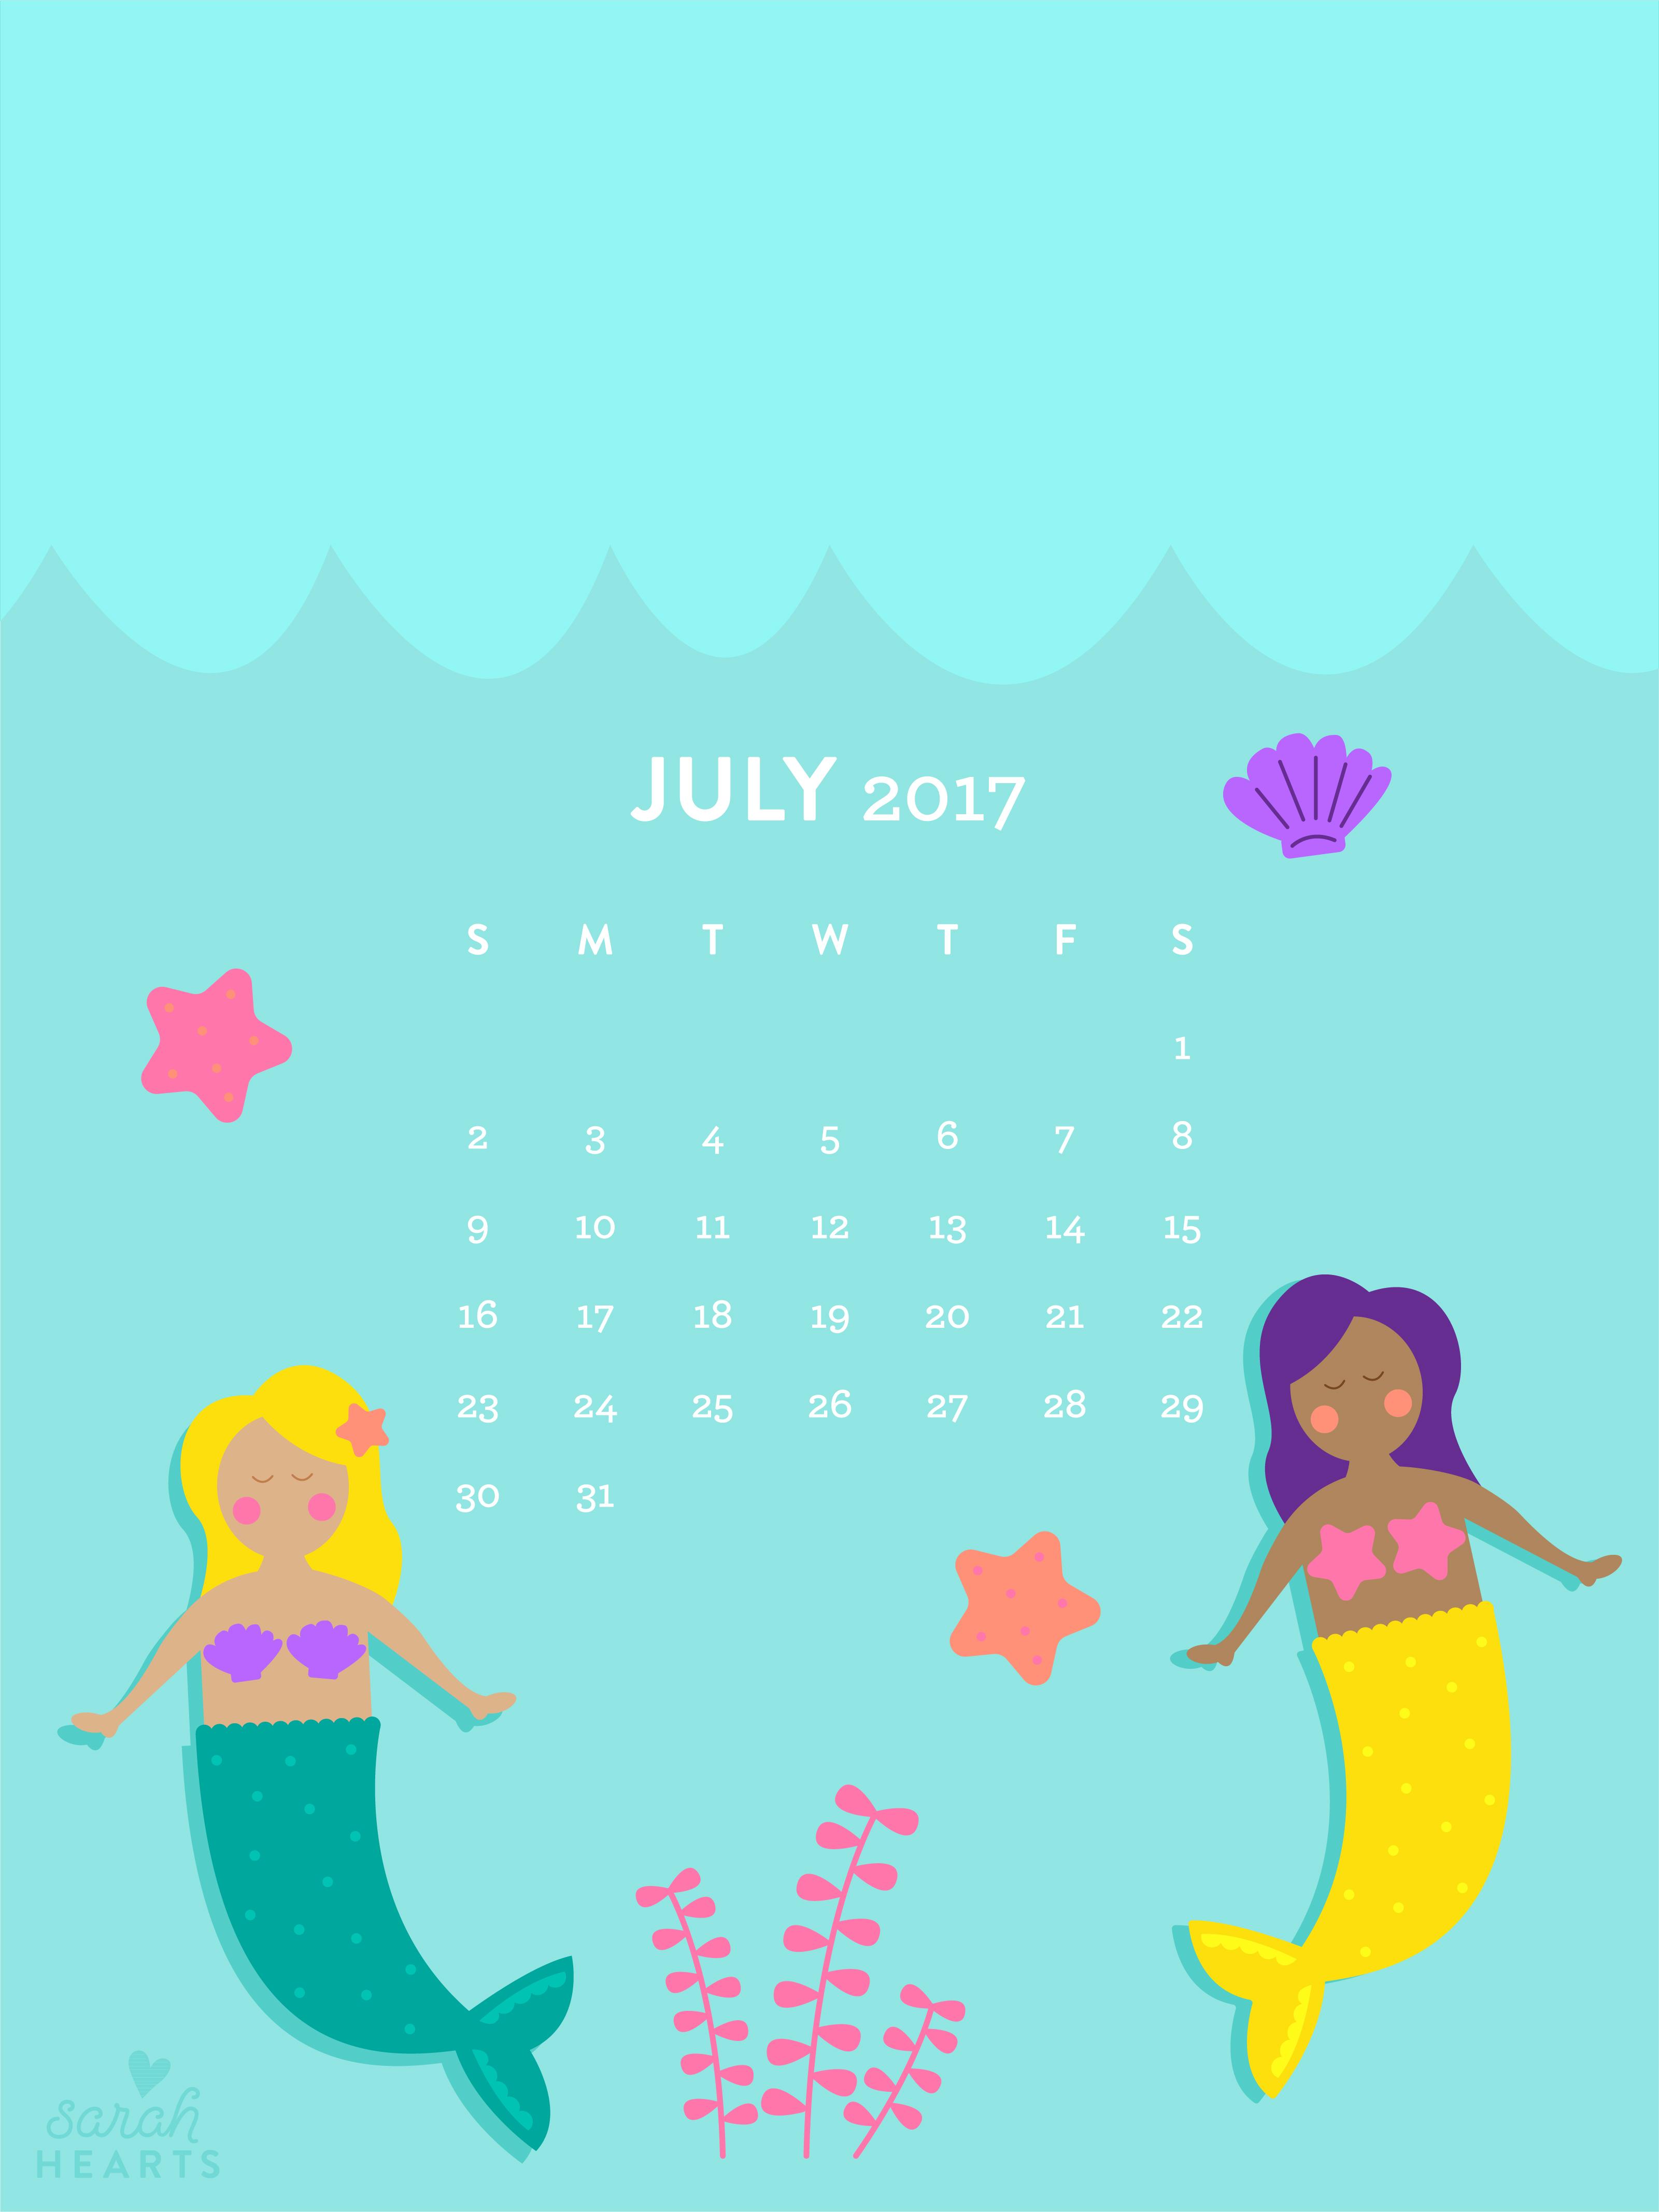 Iphone Sayings Wallpaper July 2017 Mermaid Calendar Wallpaper Sarah Hearts